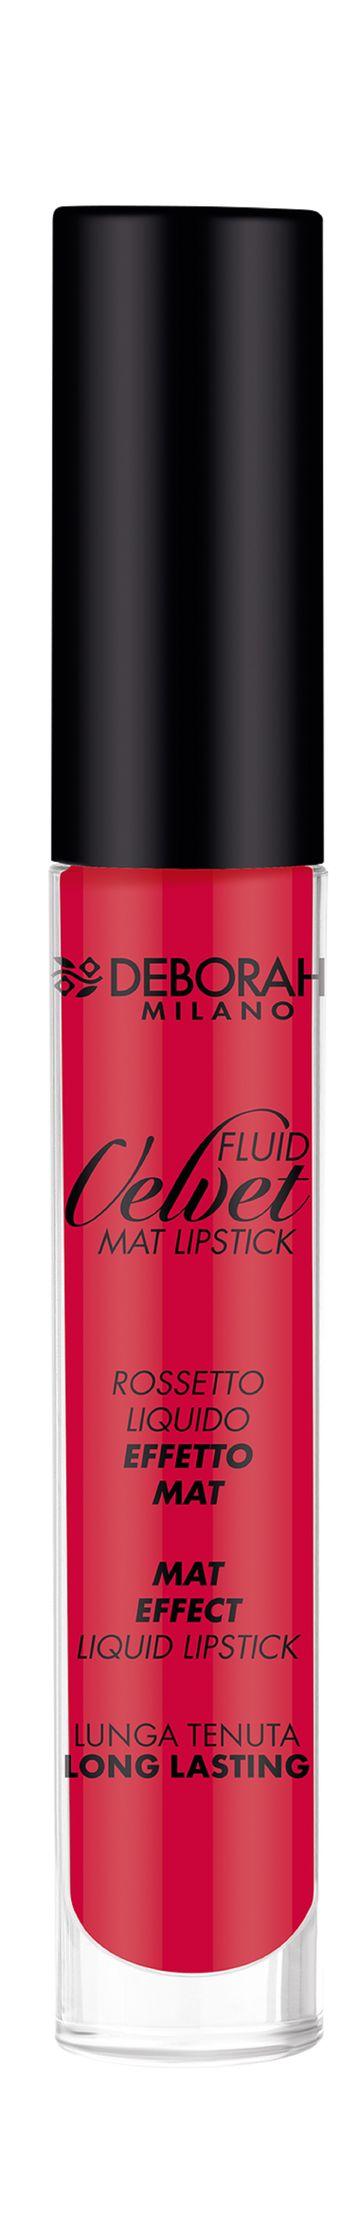 Deborah Milano | Fluid Velvet Mat - 3 Cyclamen Pink